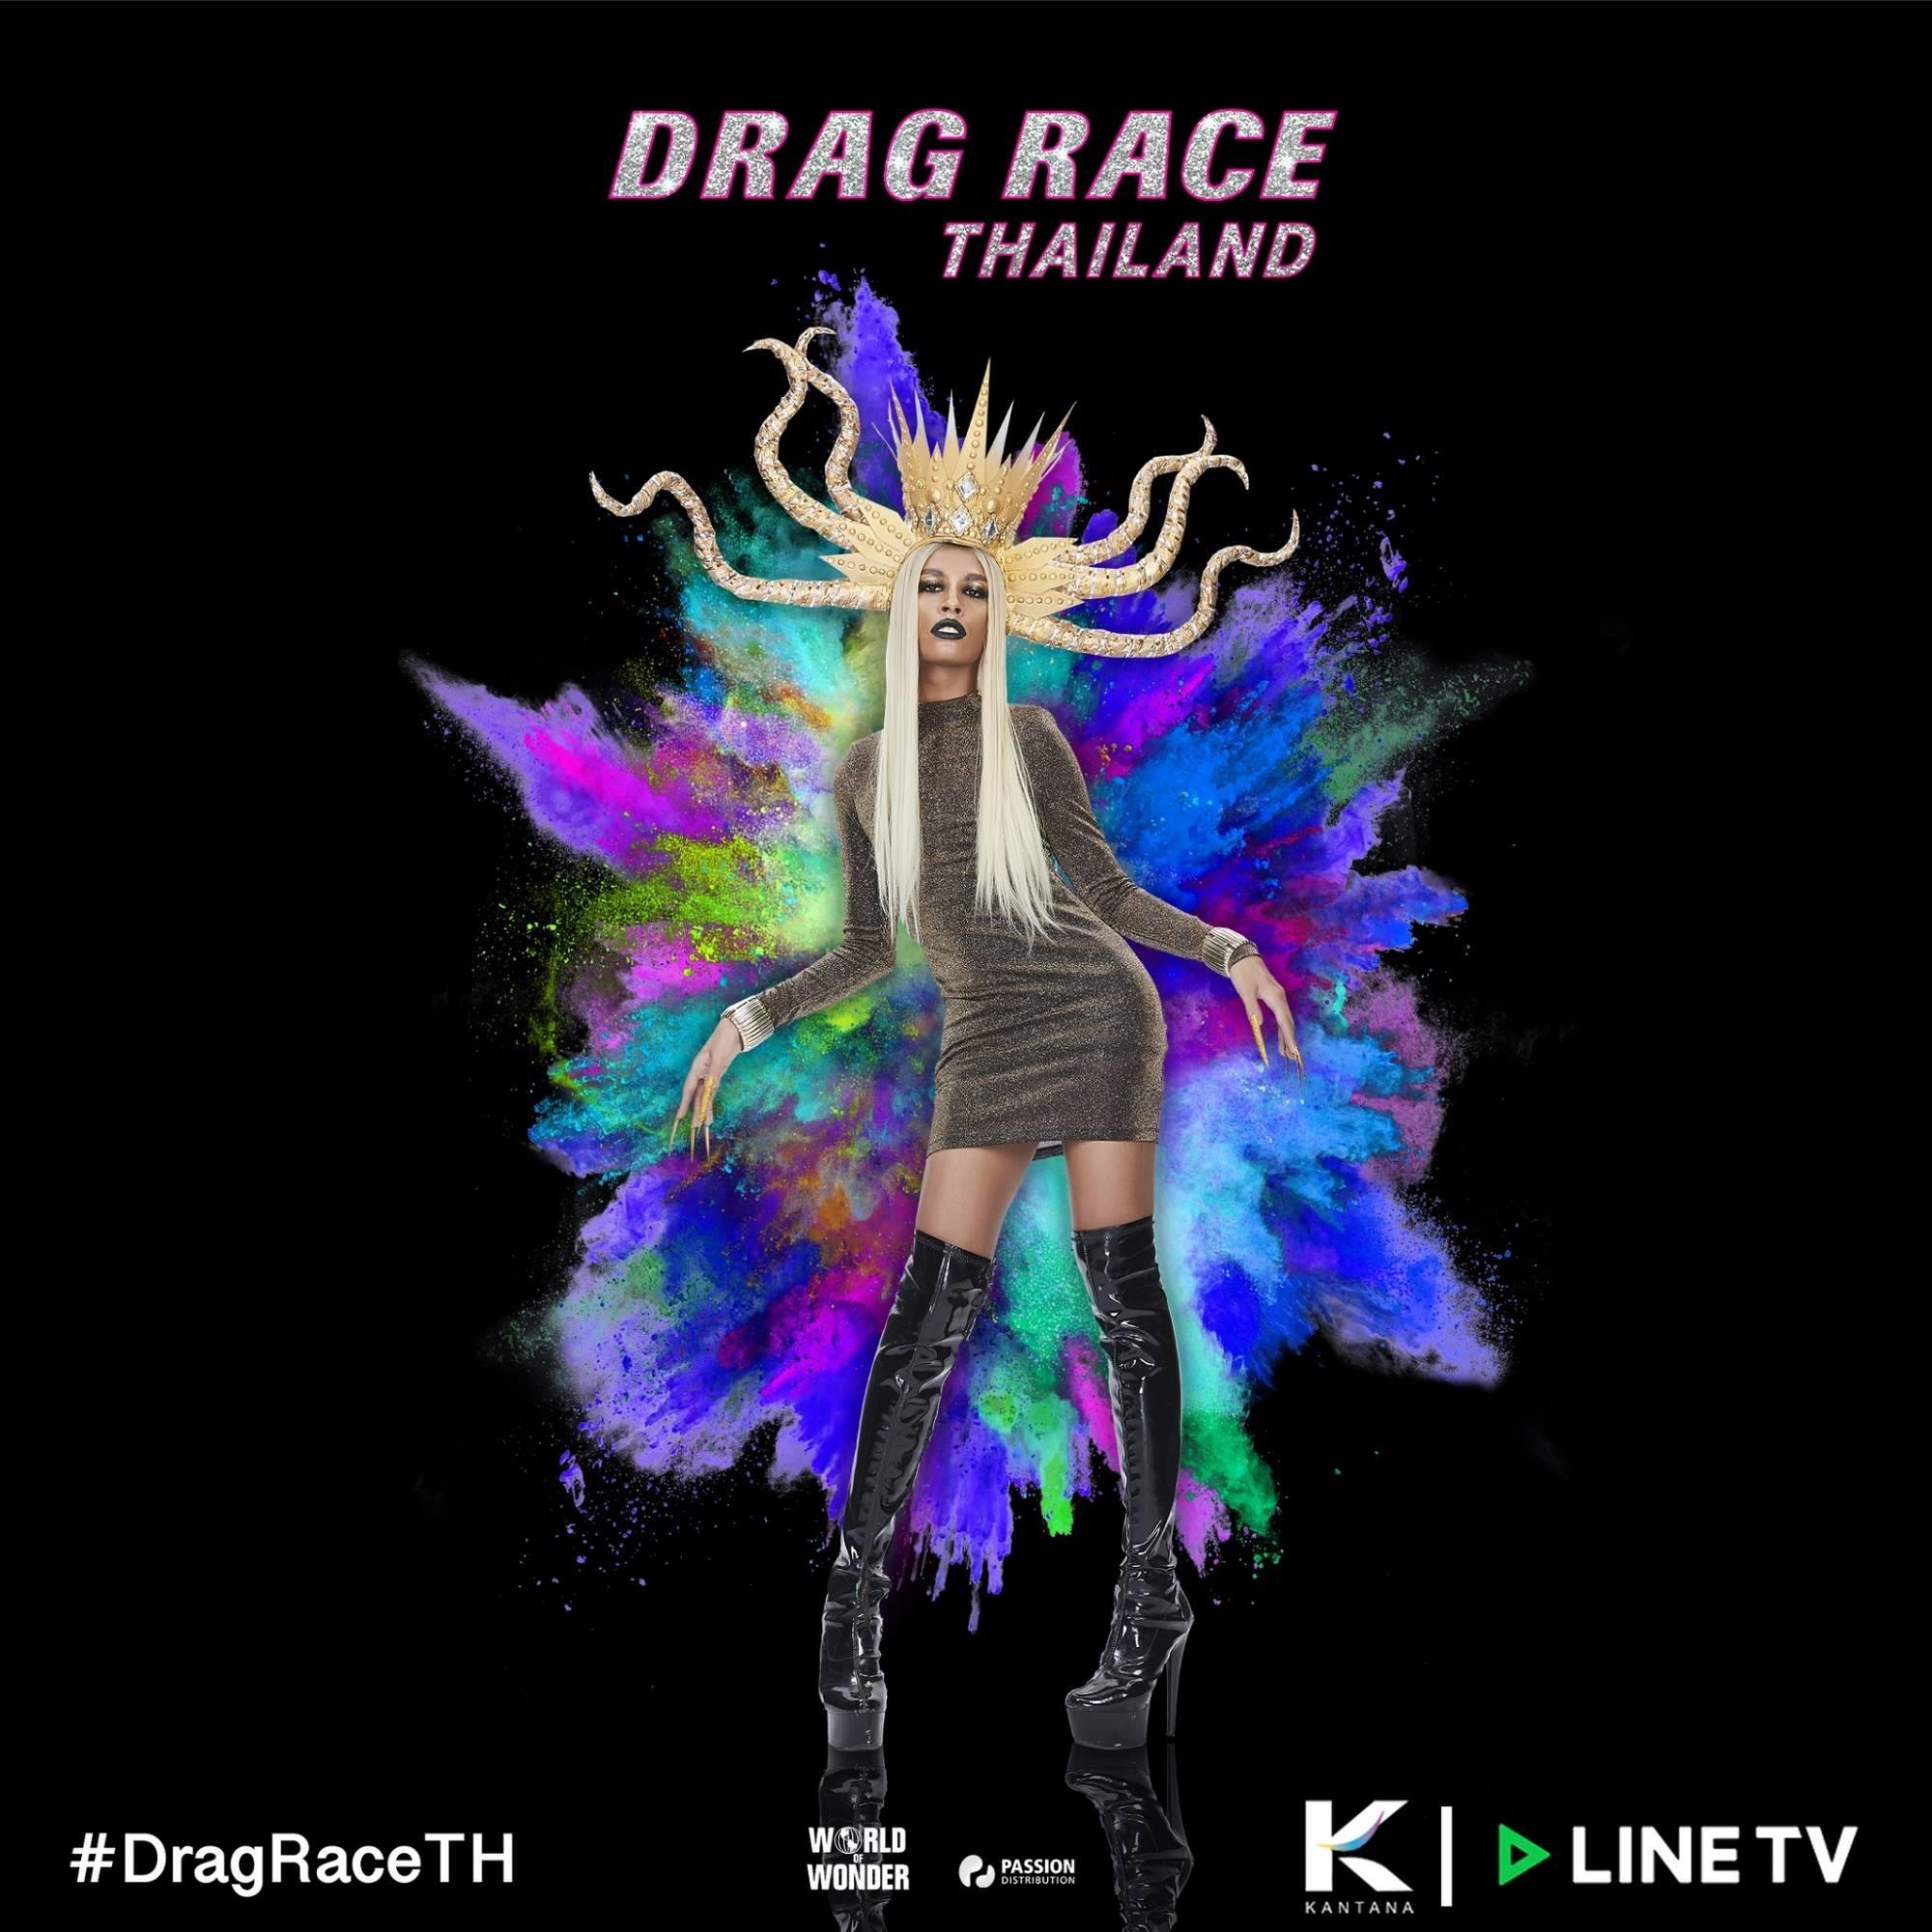 rupaul's drag race thailand cast 8